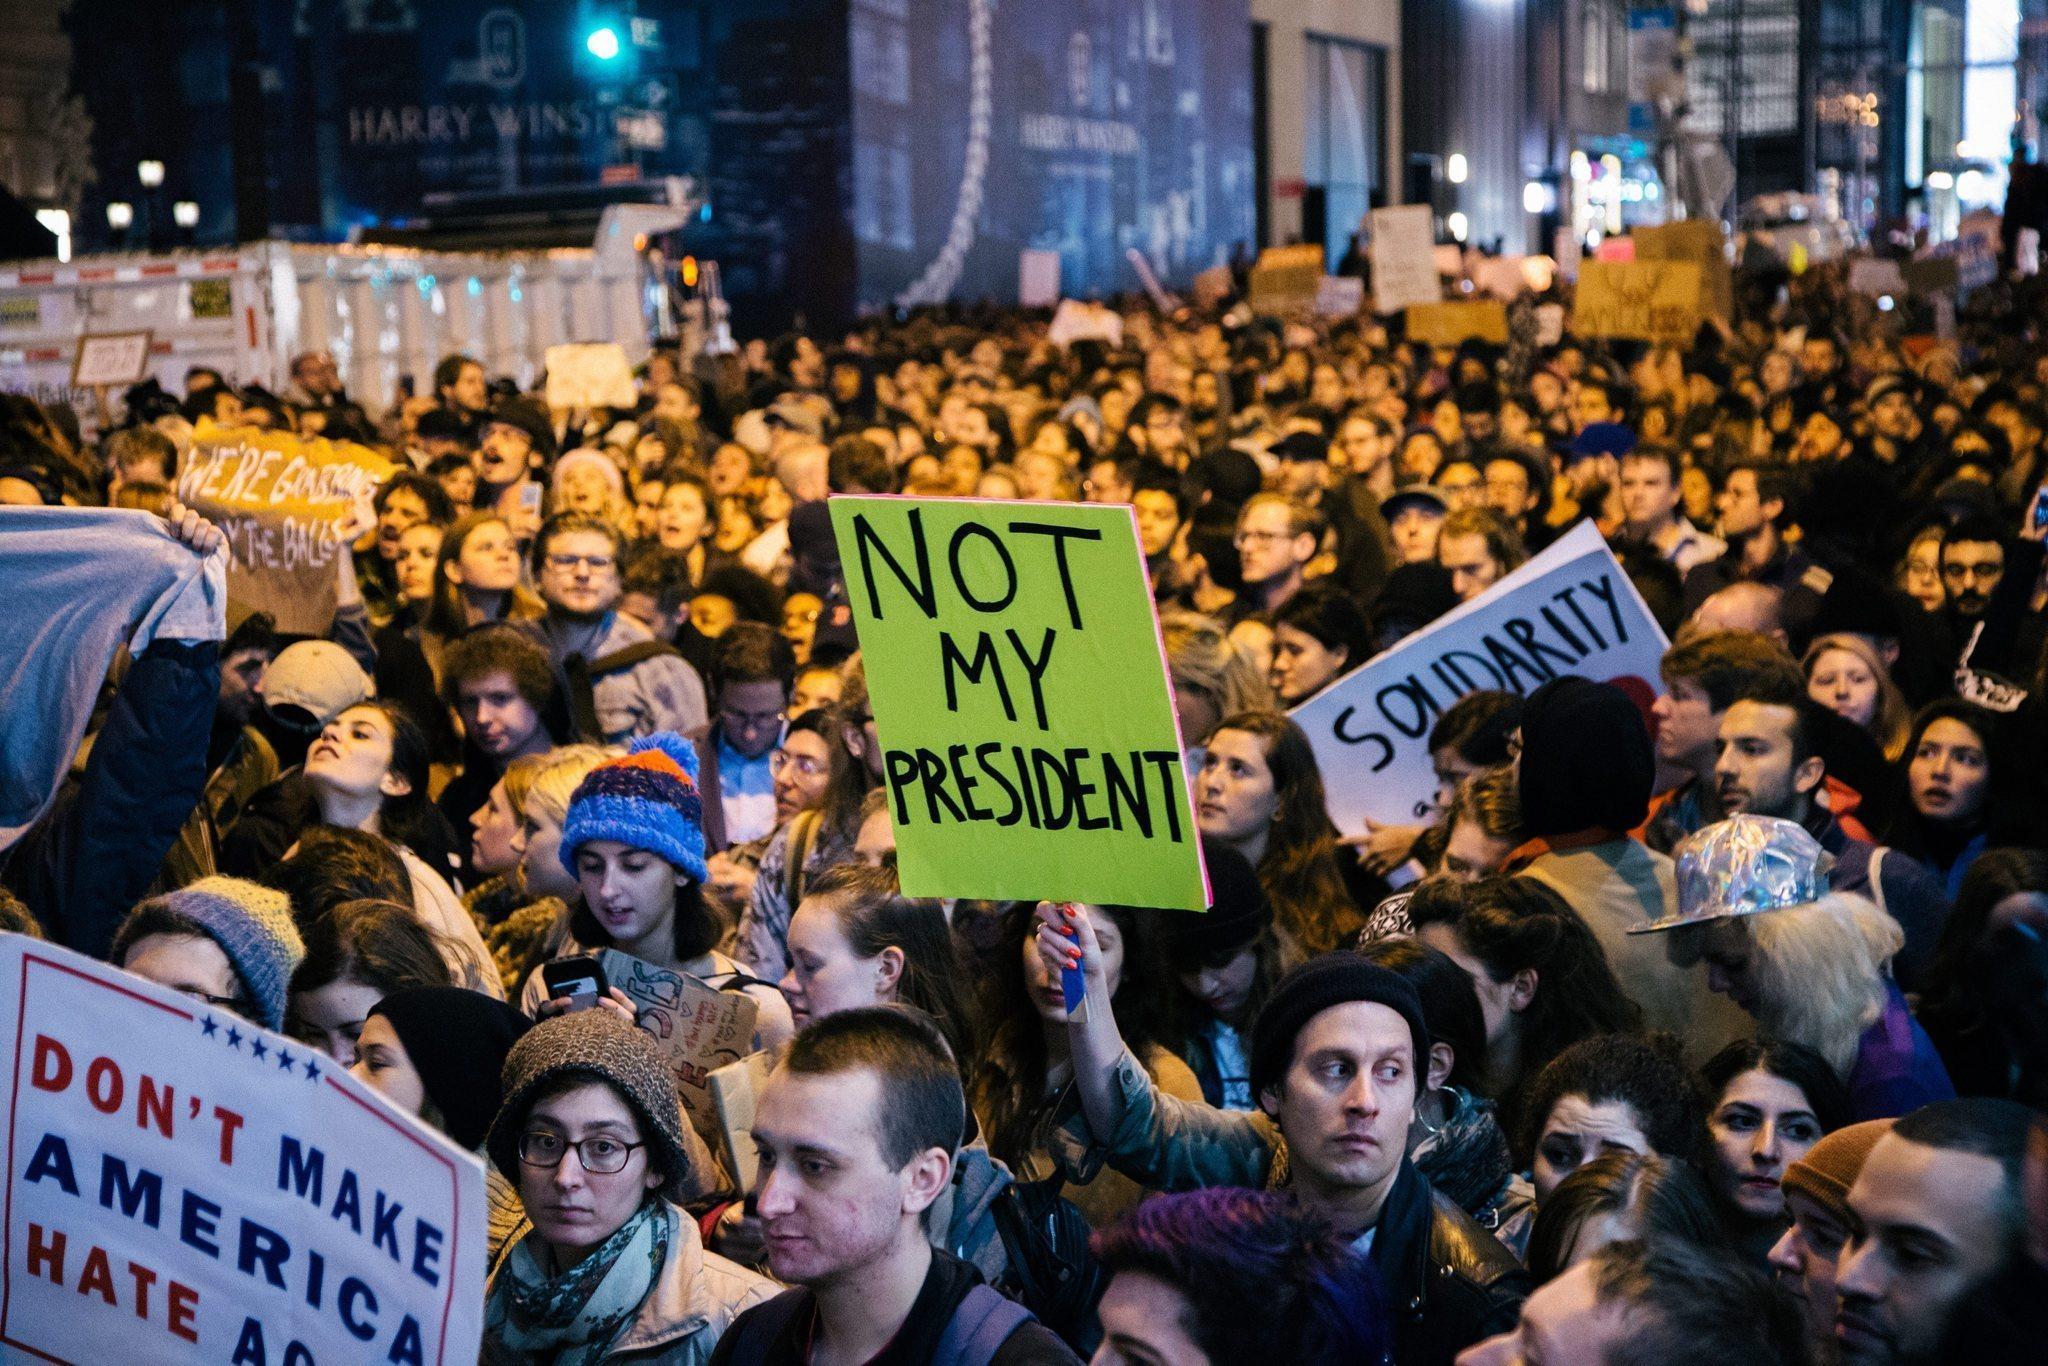 مظاهرات ضد الرئيس الامريكي